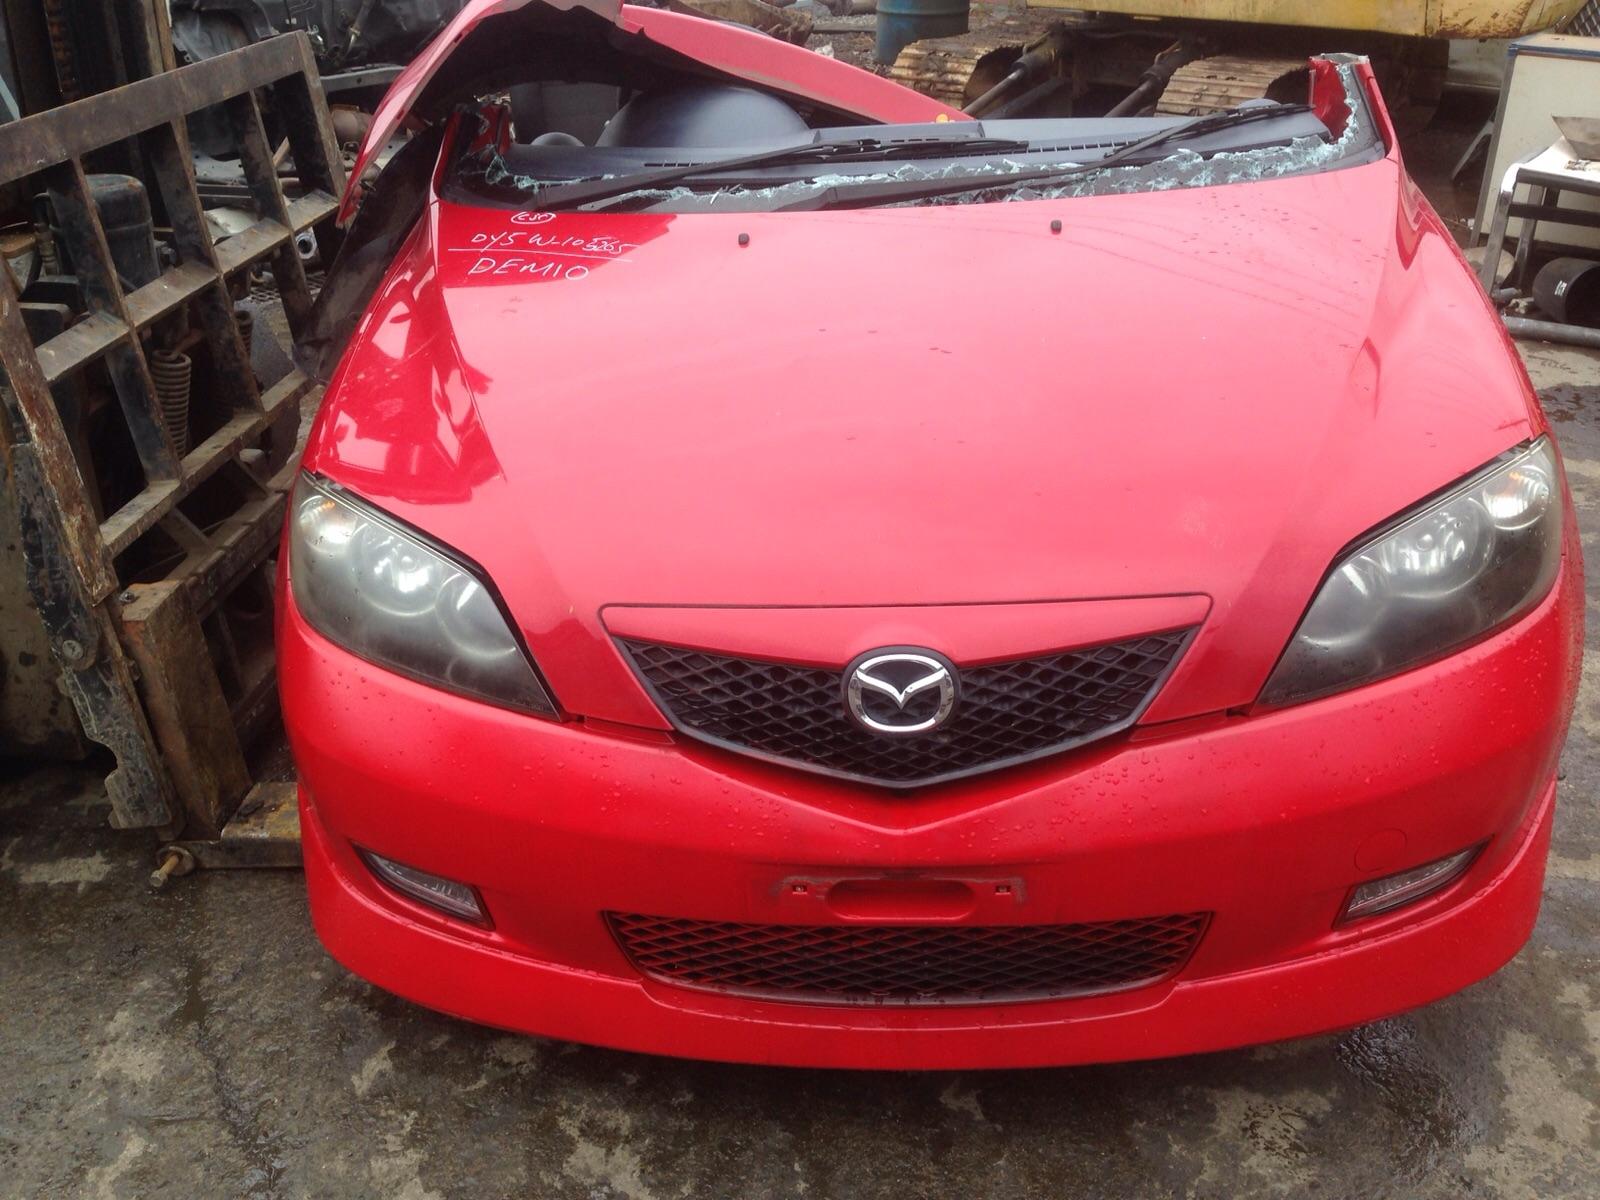 Mazda Demio ready for parts